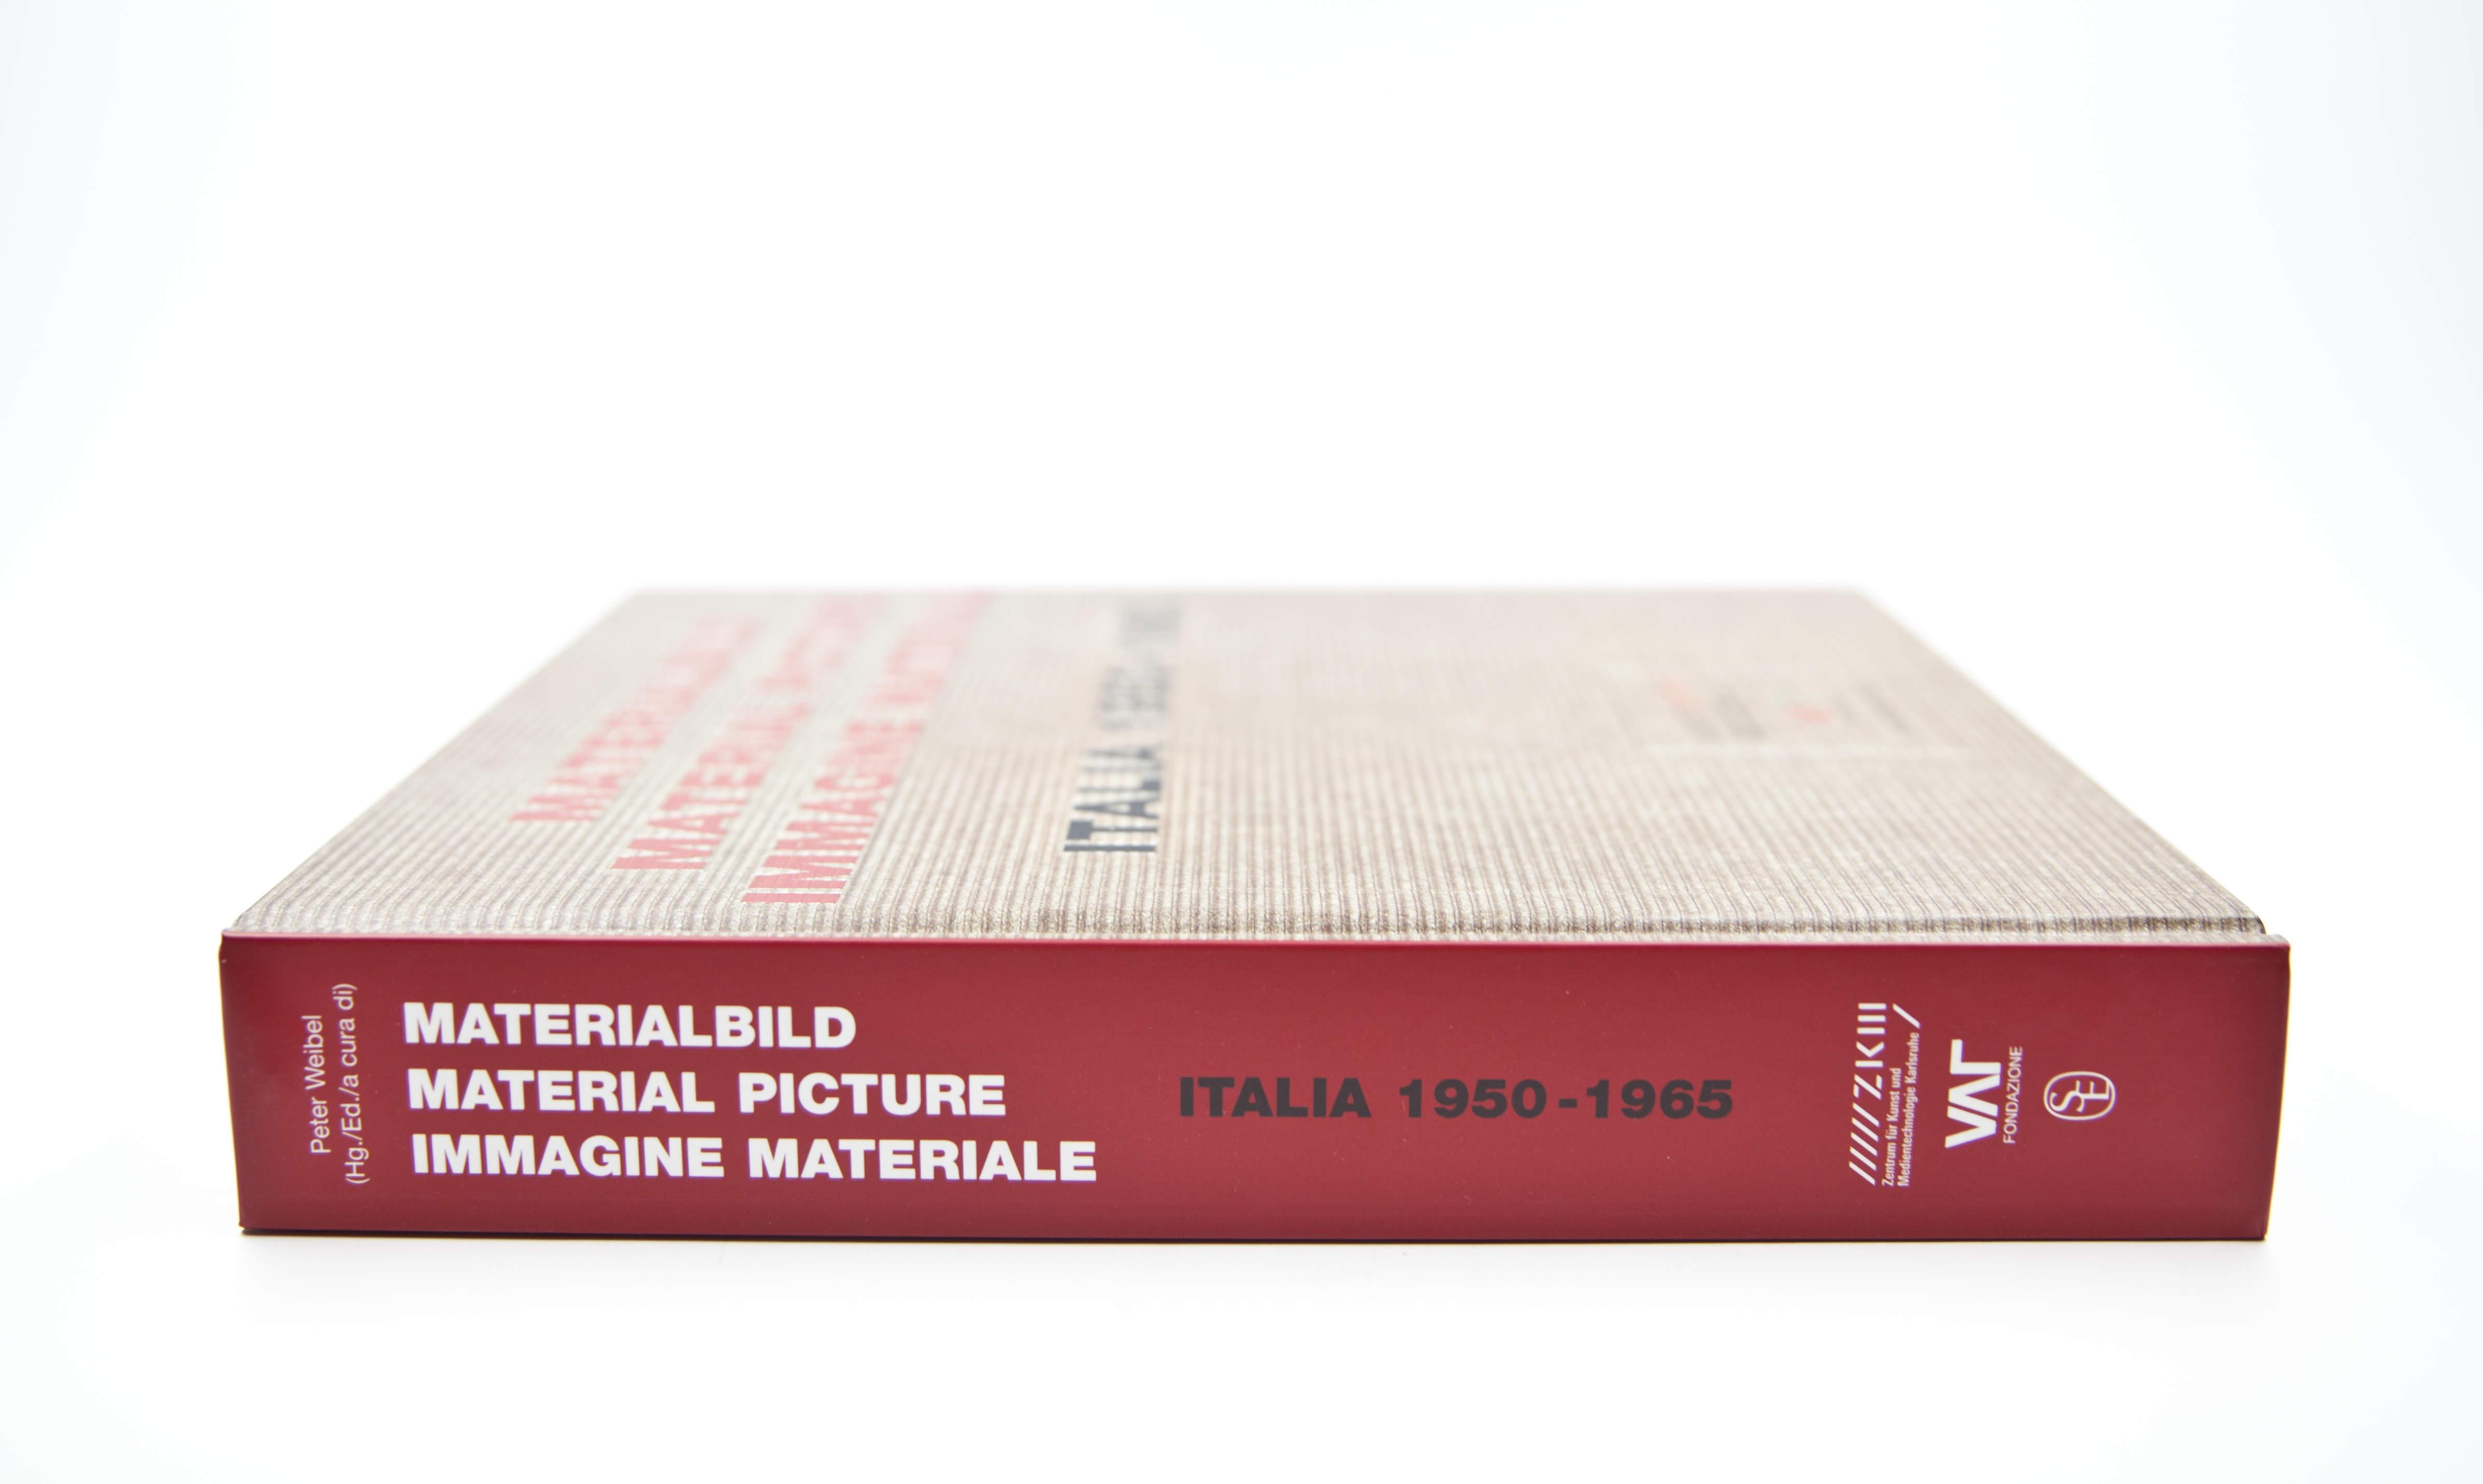 Materialbild / Material picture / Immagine materiale